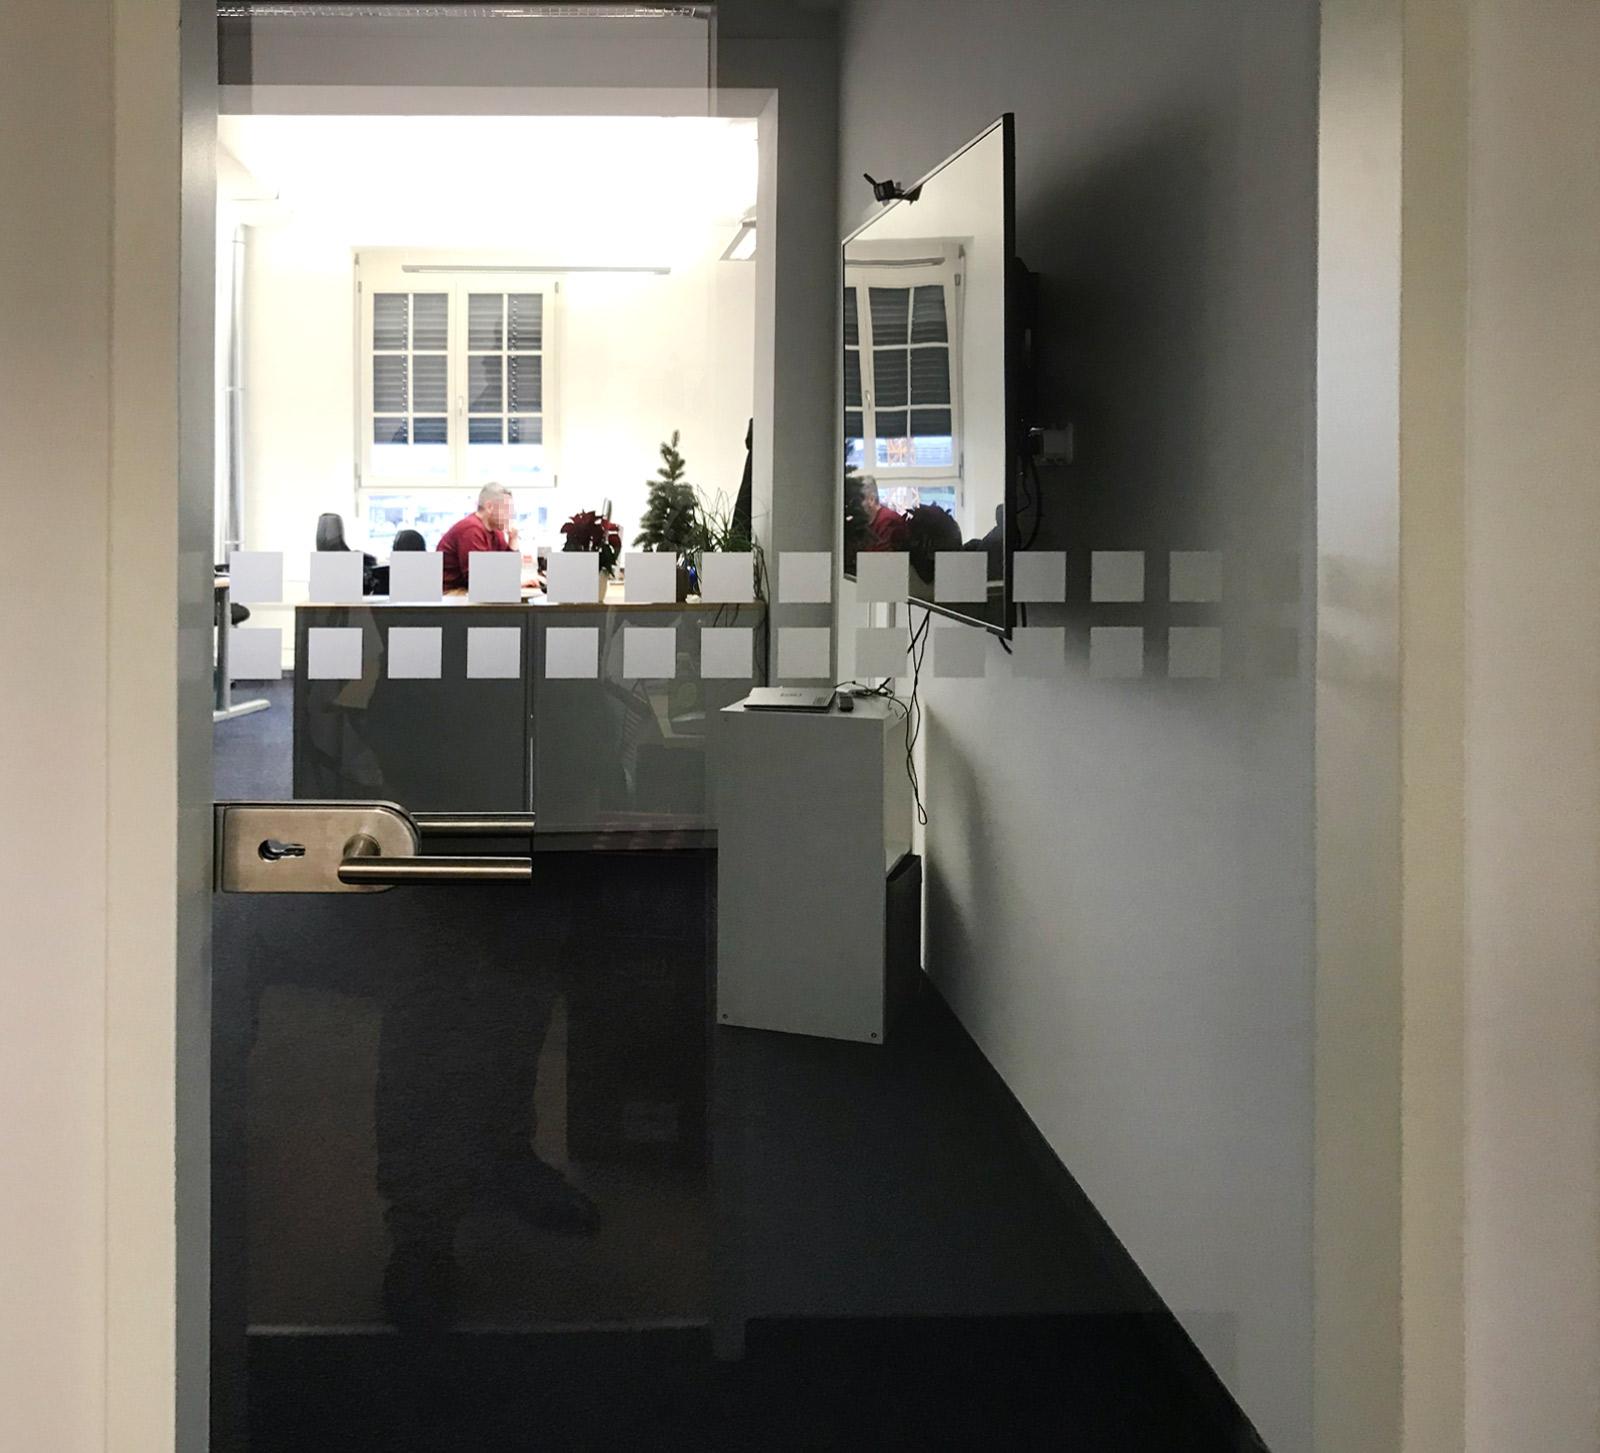 Durchlaufschutz-Folierung mit Milchglasfolie auf einer Glastüre